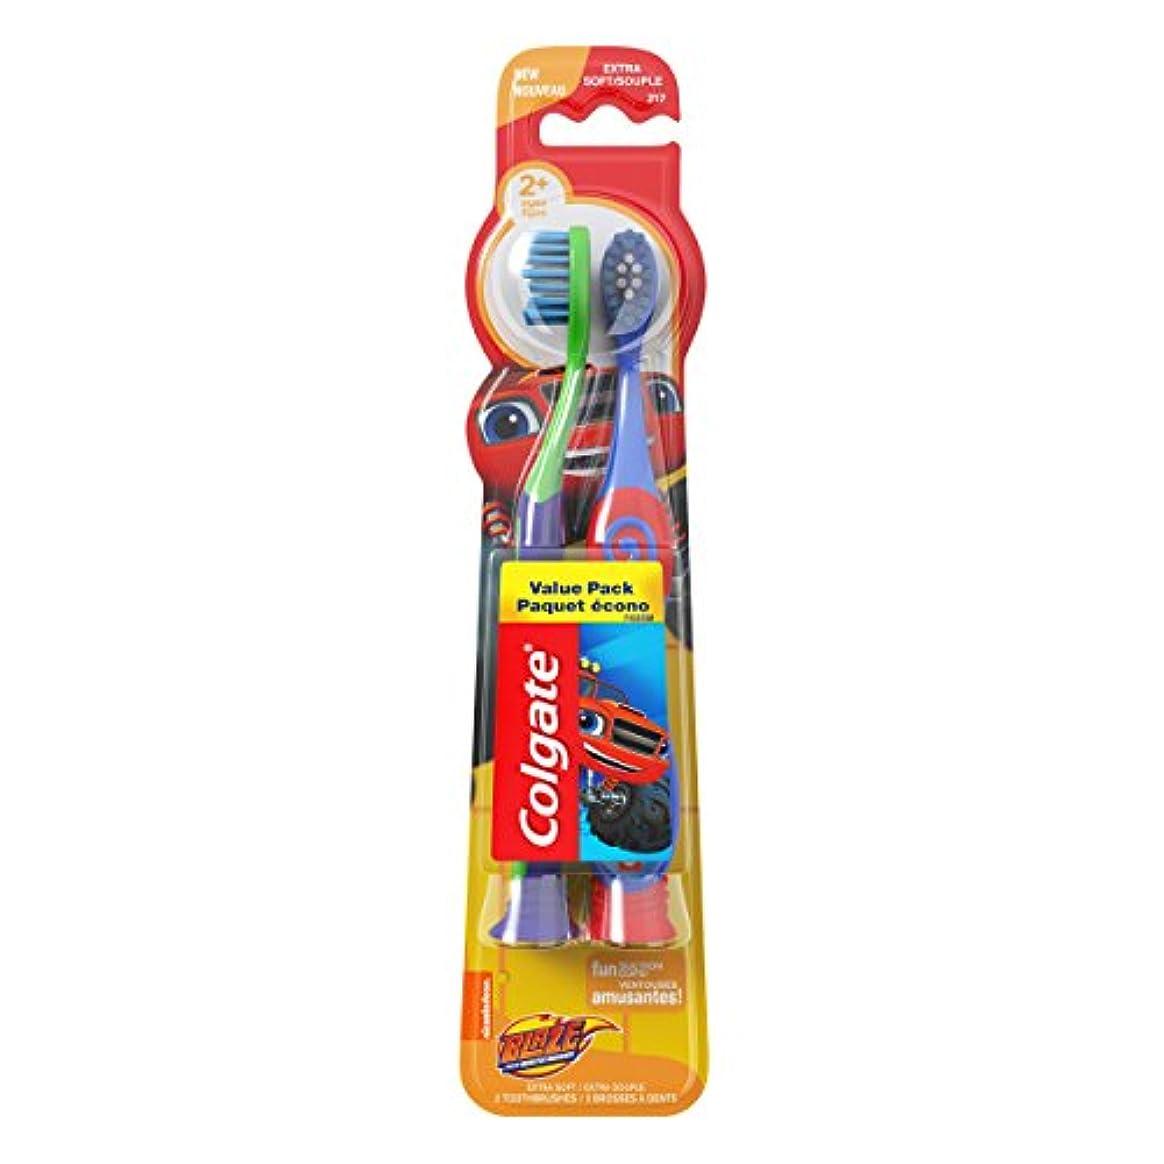 ドルロケットオデュッセウスColgate 吸盤付きキッズ柔らかい歯ブラシ、ブレイズバリューパック(2カウント)